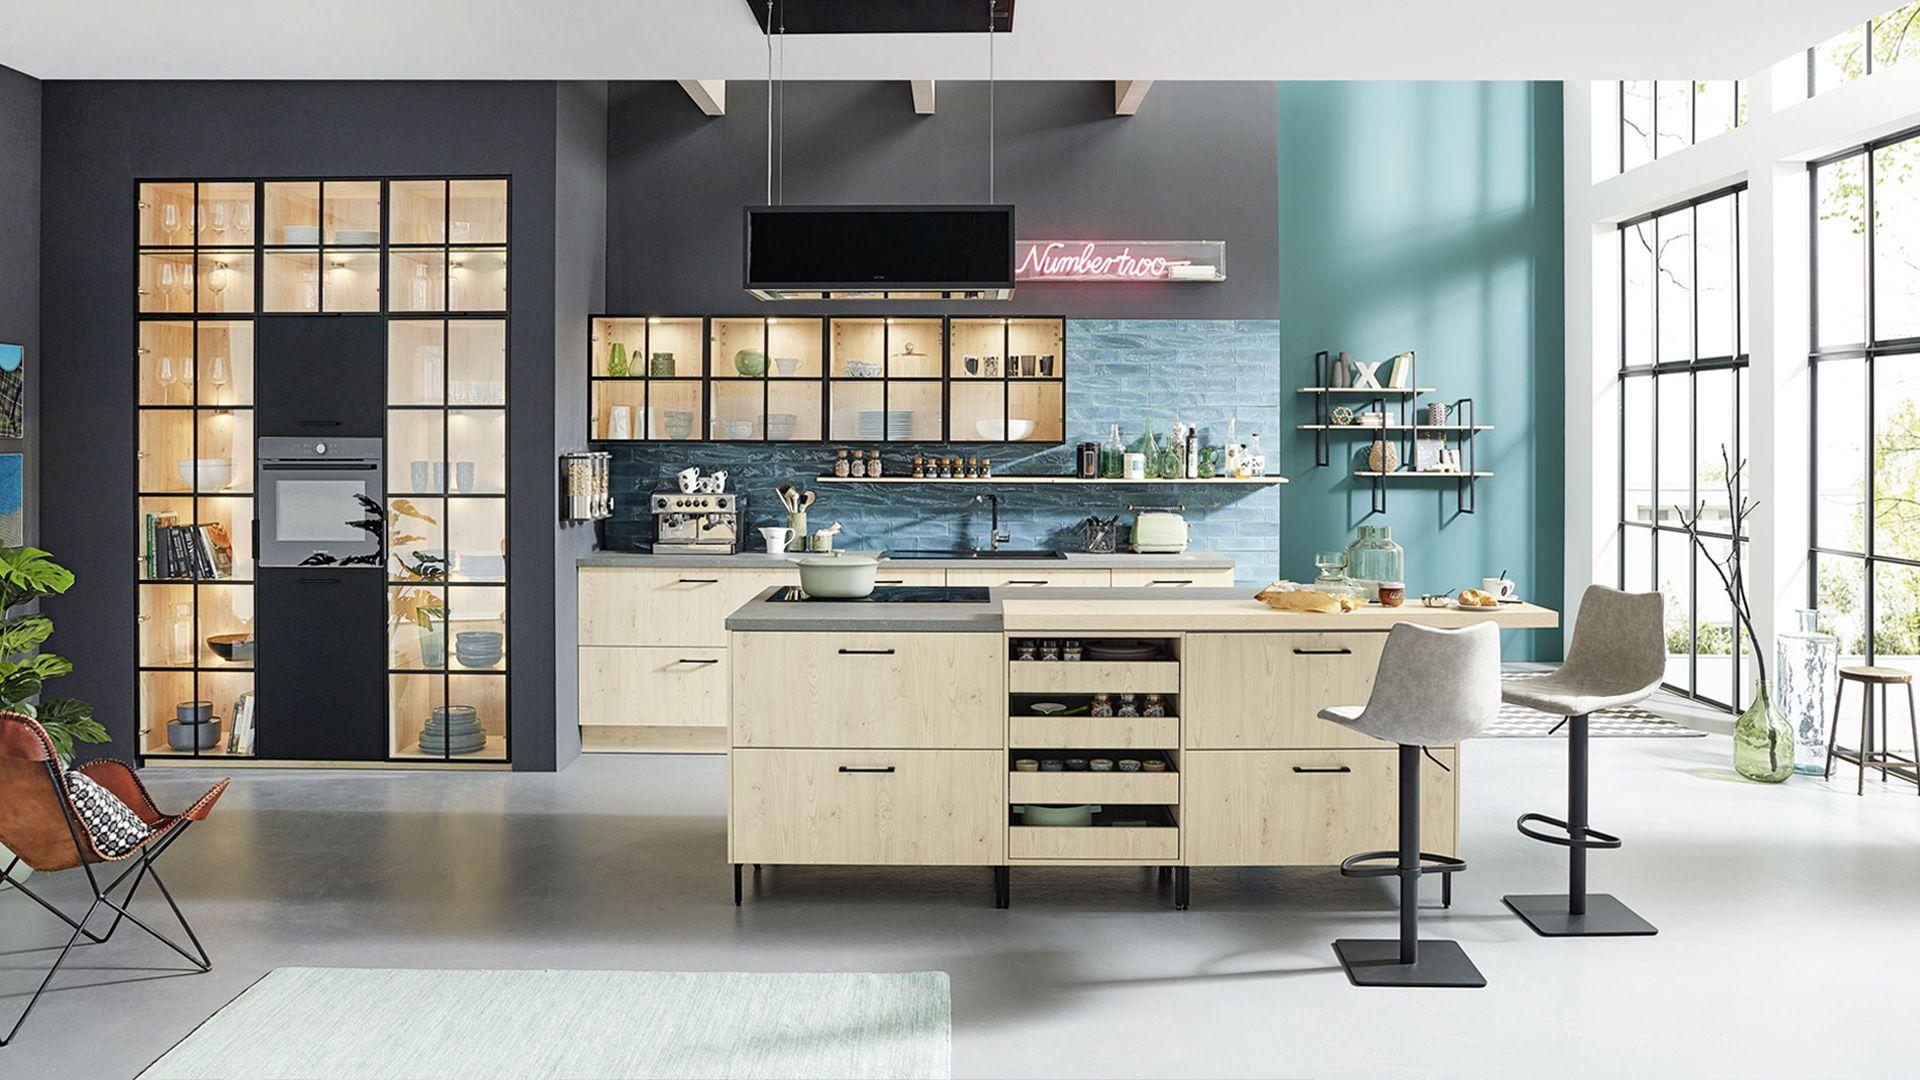 Full Size of Küchenblende Startseite Ballerina Kchen Finden Sie Ihre Traumkche Wohnzimmer Küchenblende